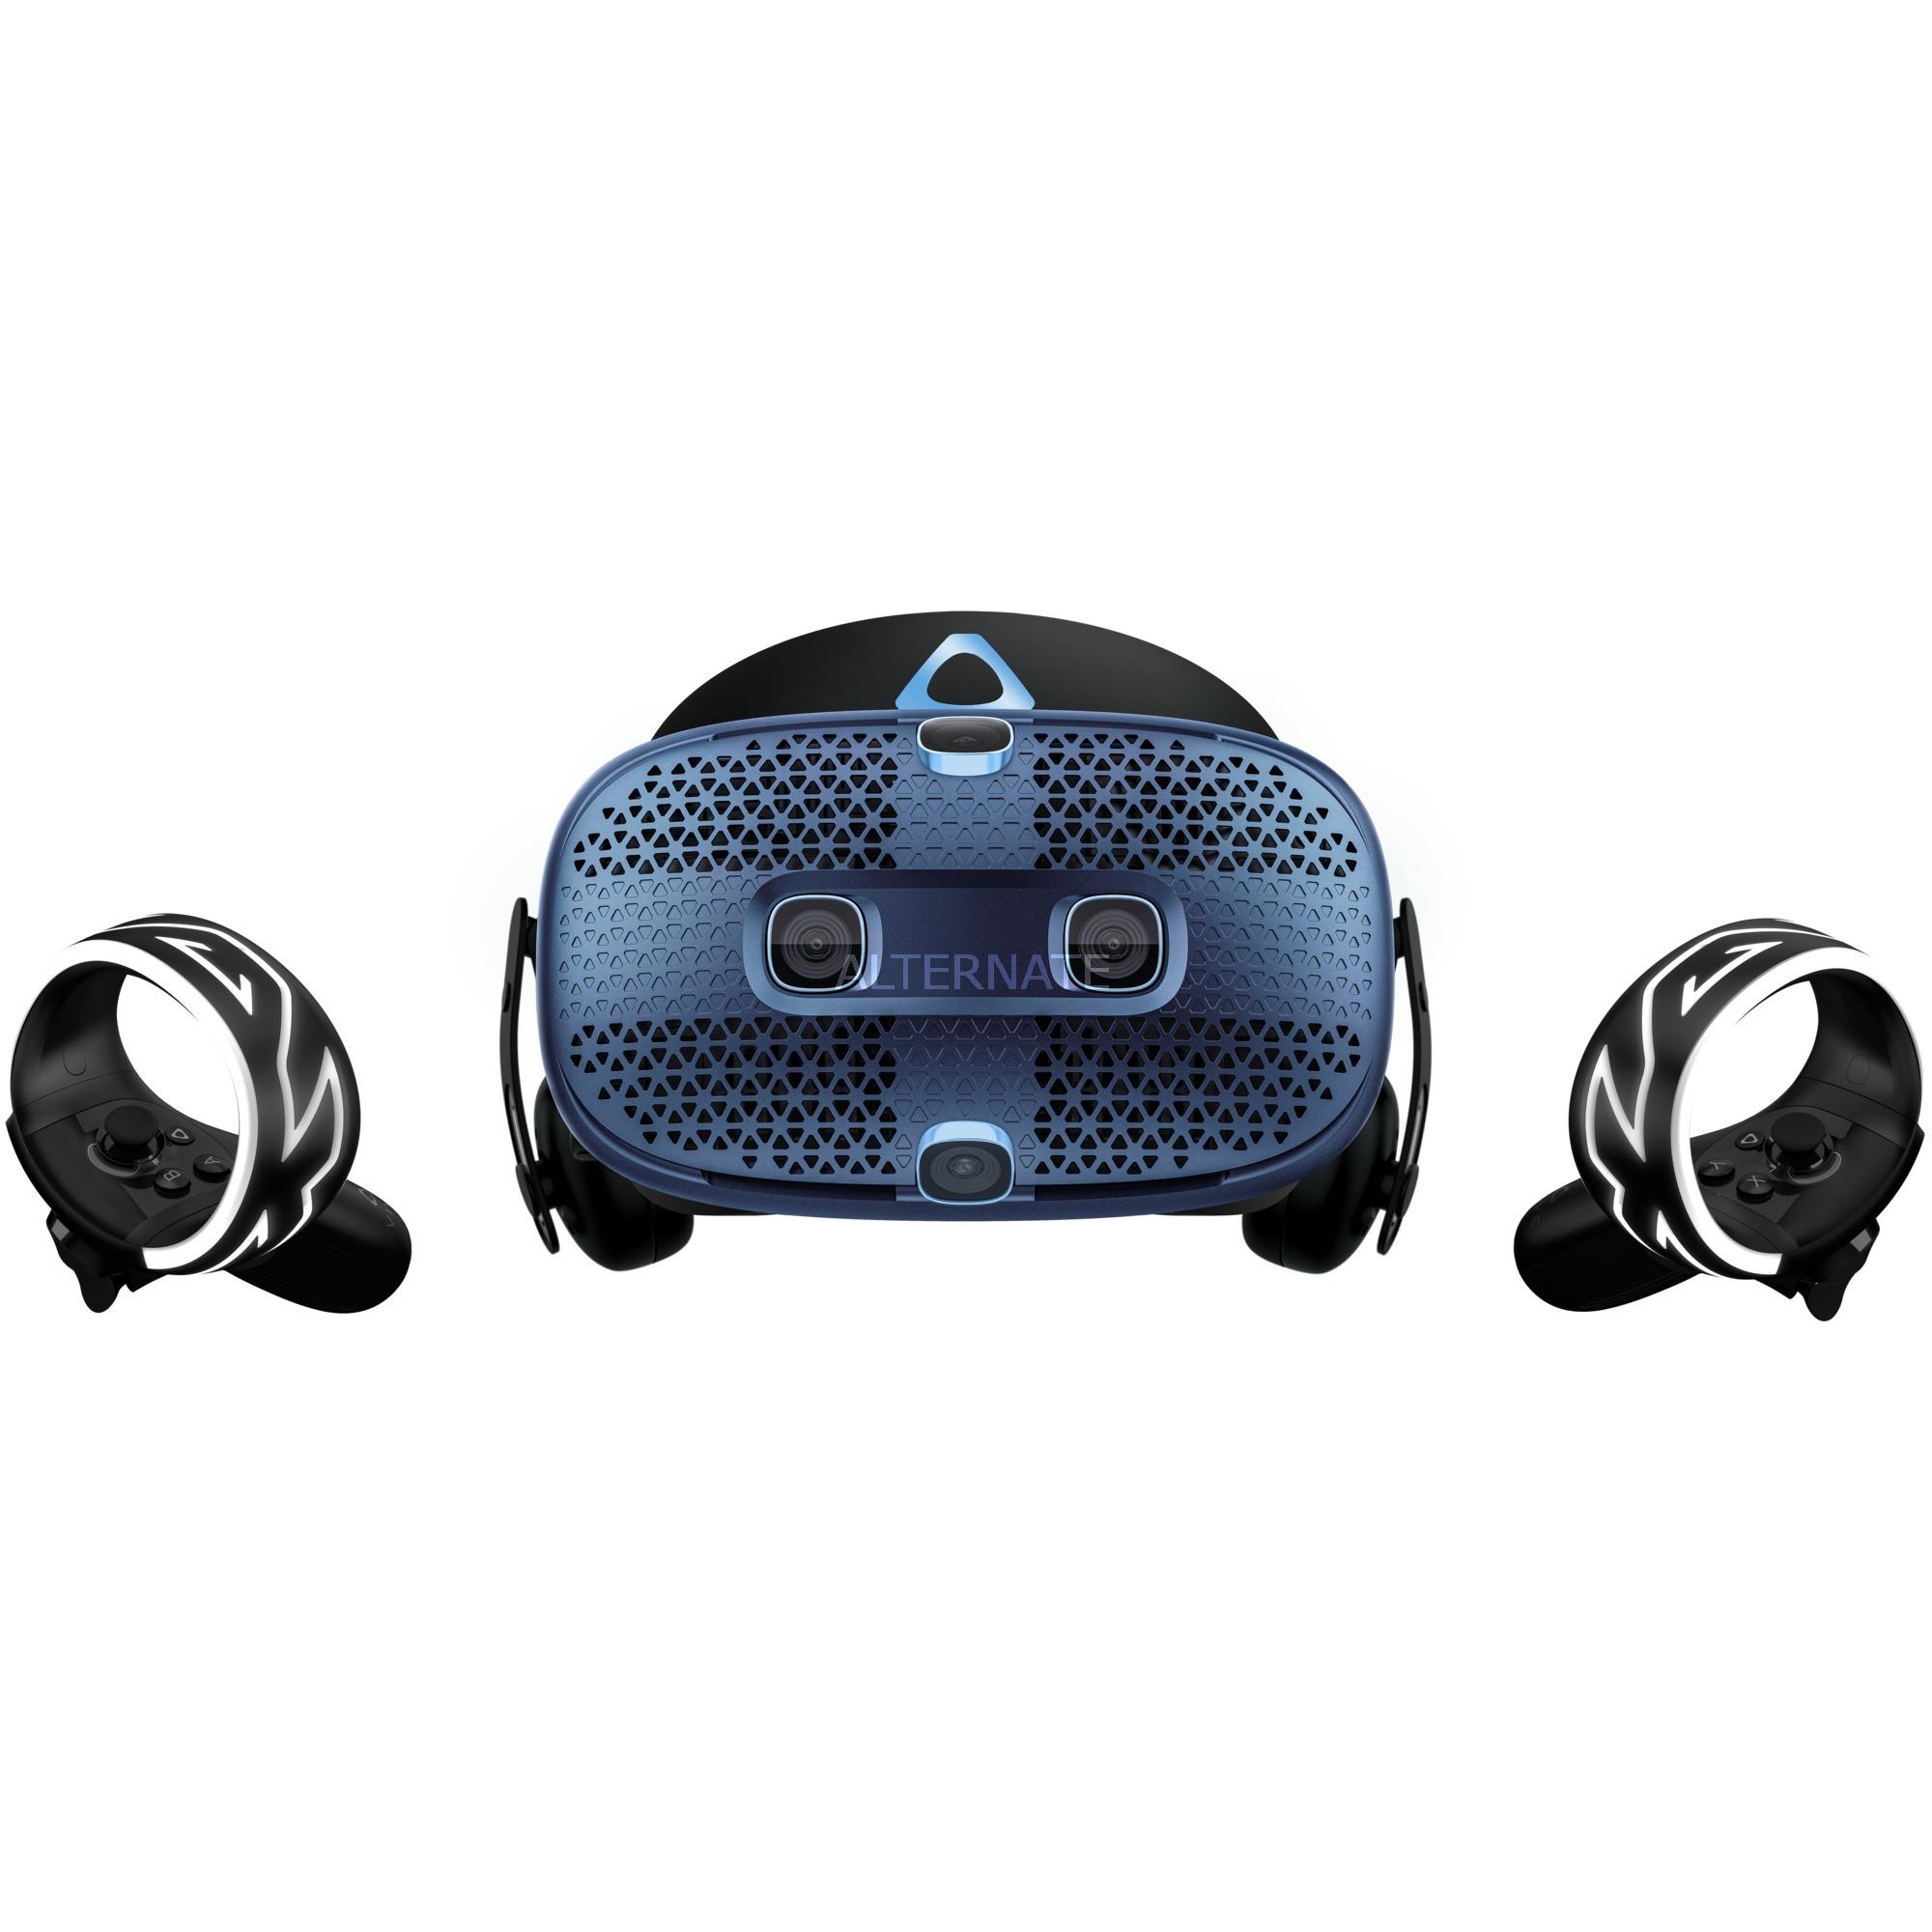 Cosmos Virtual Reality Headset Pantalla con montura para sujetar en la cabeza Azul, Indigo, Gafas de Realidad Virtual (VR)